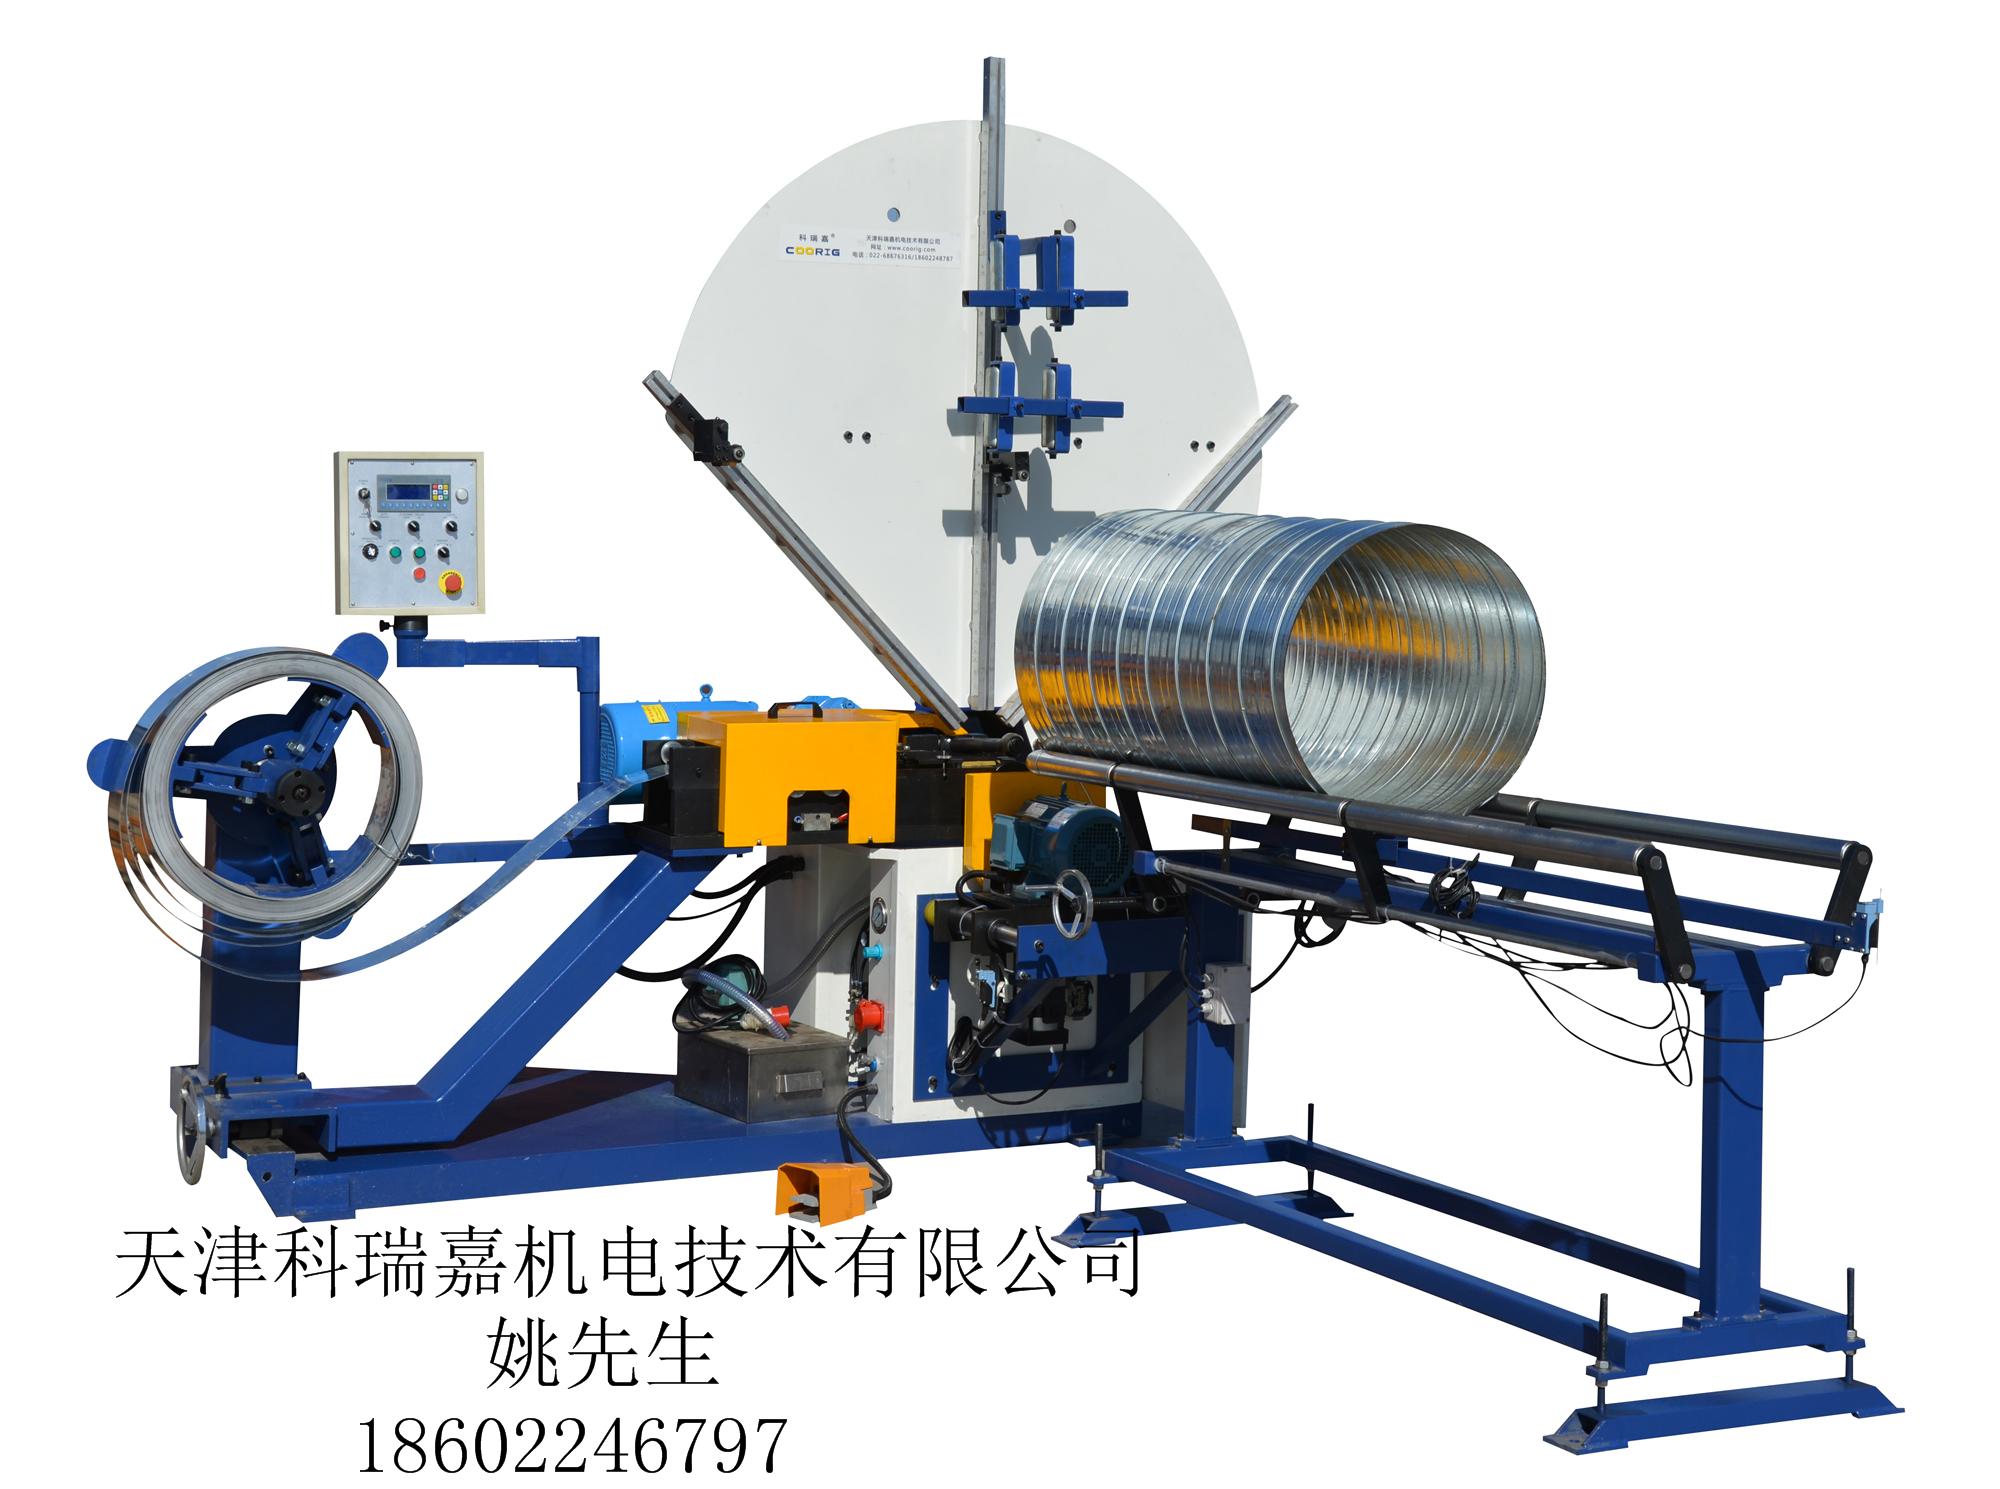 乌鲁木齐全自动风管生产一线图片/乌鲁木齐全自动风管生产一线样板图 (2)